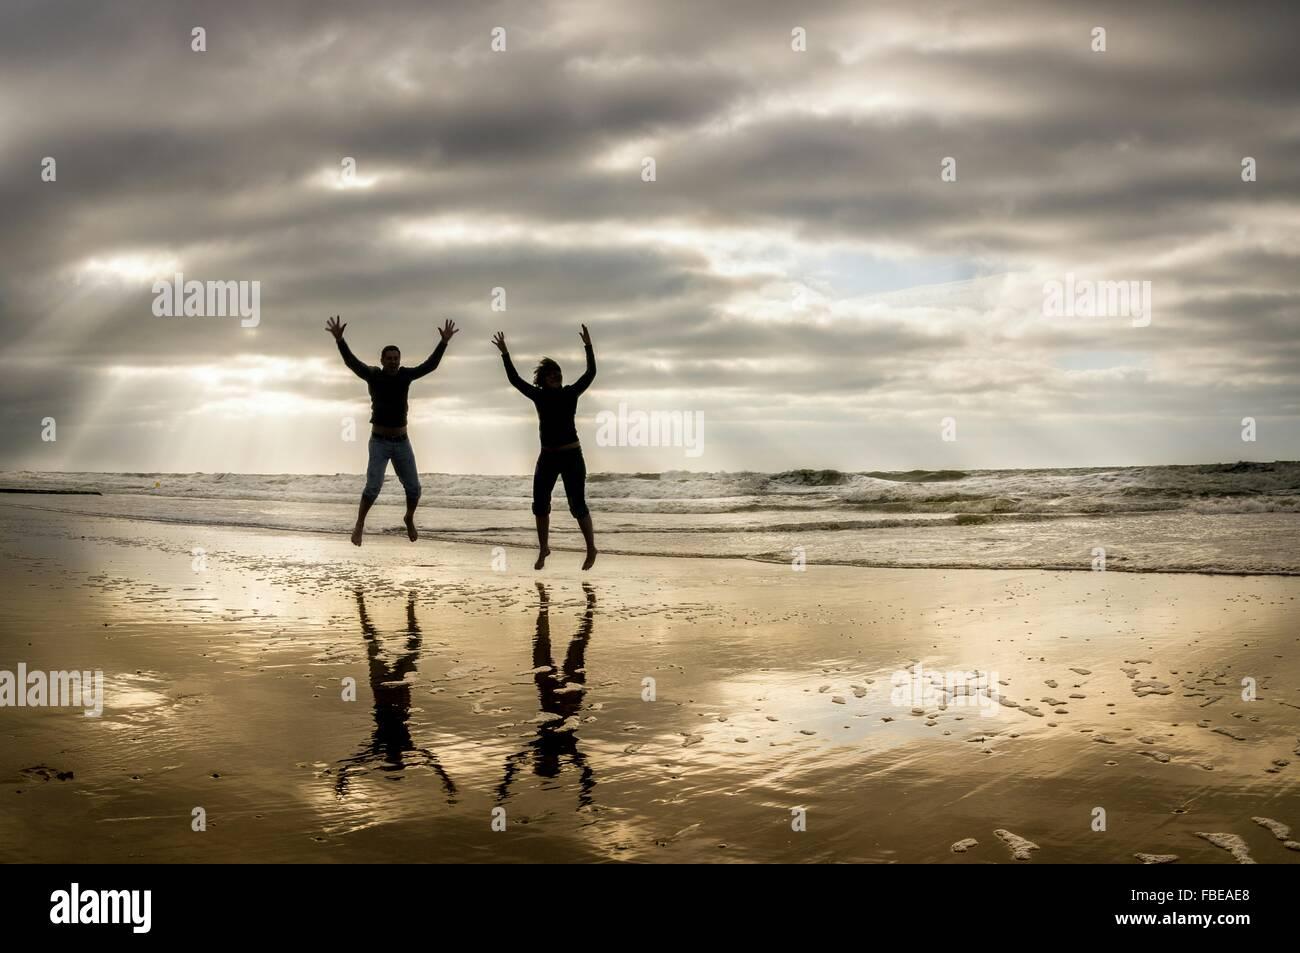 Silueta al hombre y a la mujer con los brazos levantados saltando en la playa Imagen De Stock